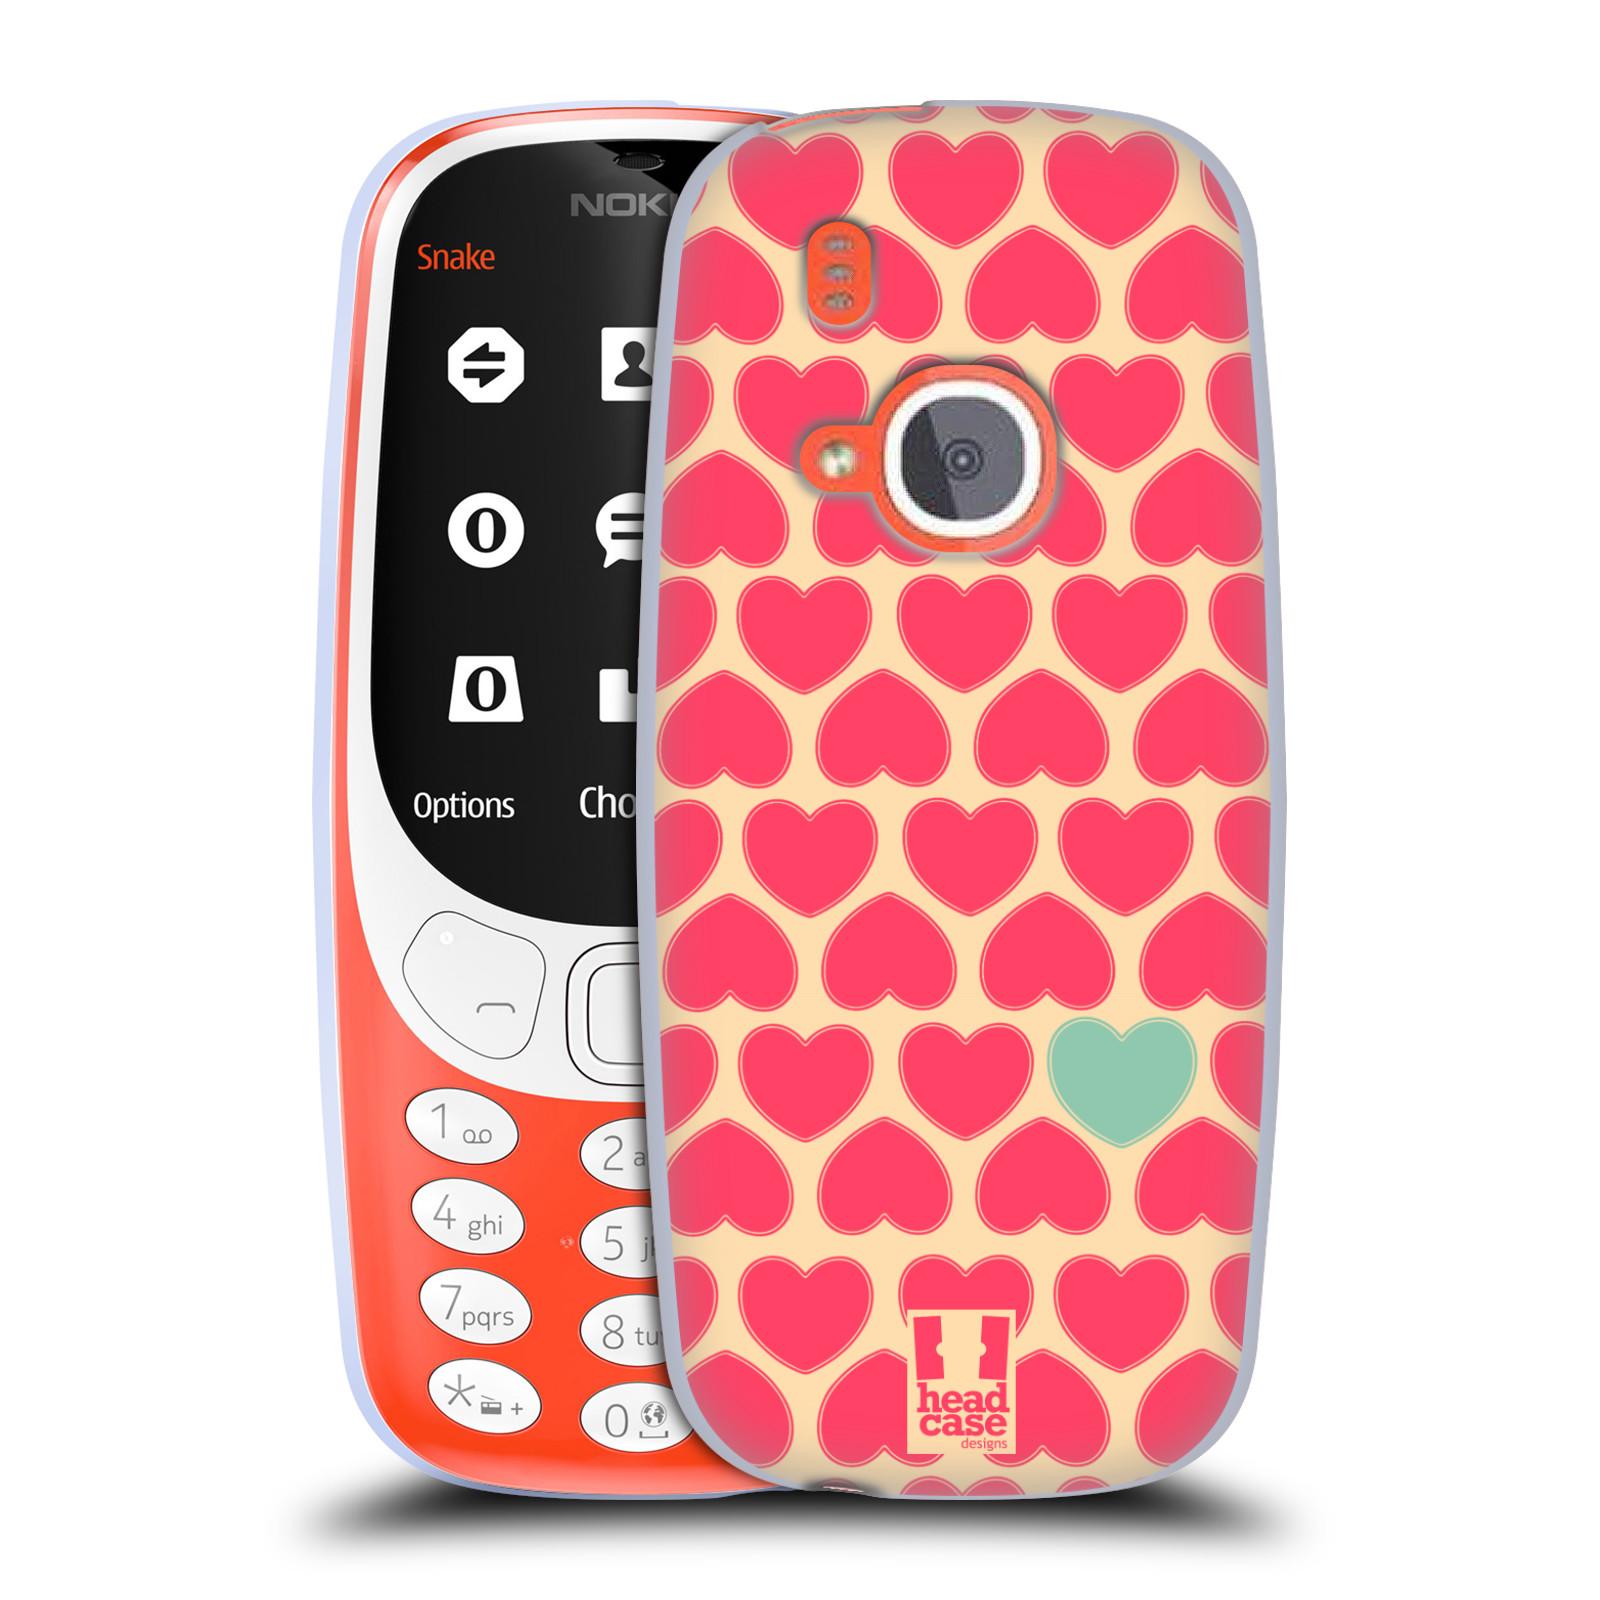 Silikonové pouzdro na mobil Nokia 3310 - Head Case - SRDÍČKA RŮŽOVÁ (Silikonový kryt či obal na mobilní telefon Nokia 3310 (2017) s motivem SRDÍČKA RŮŽOVÁ)